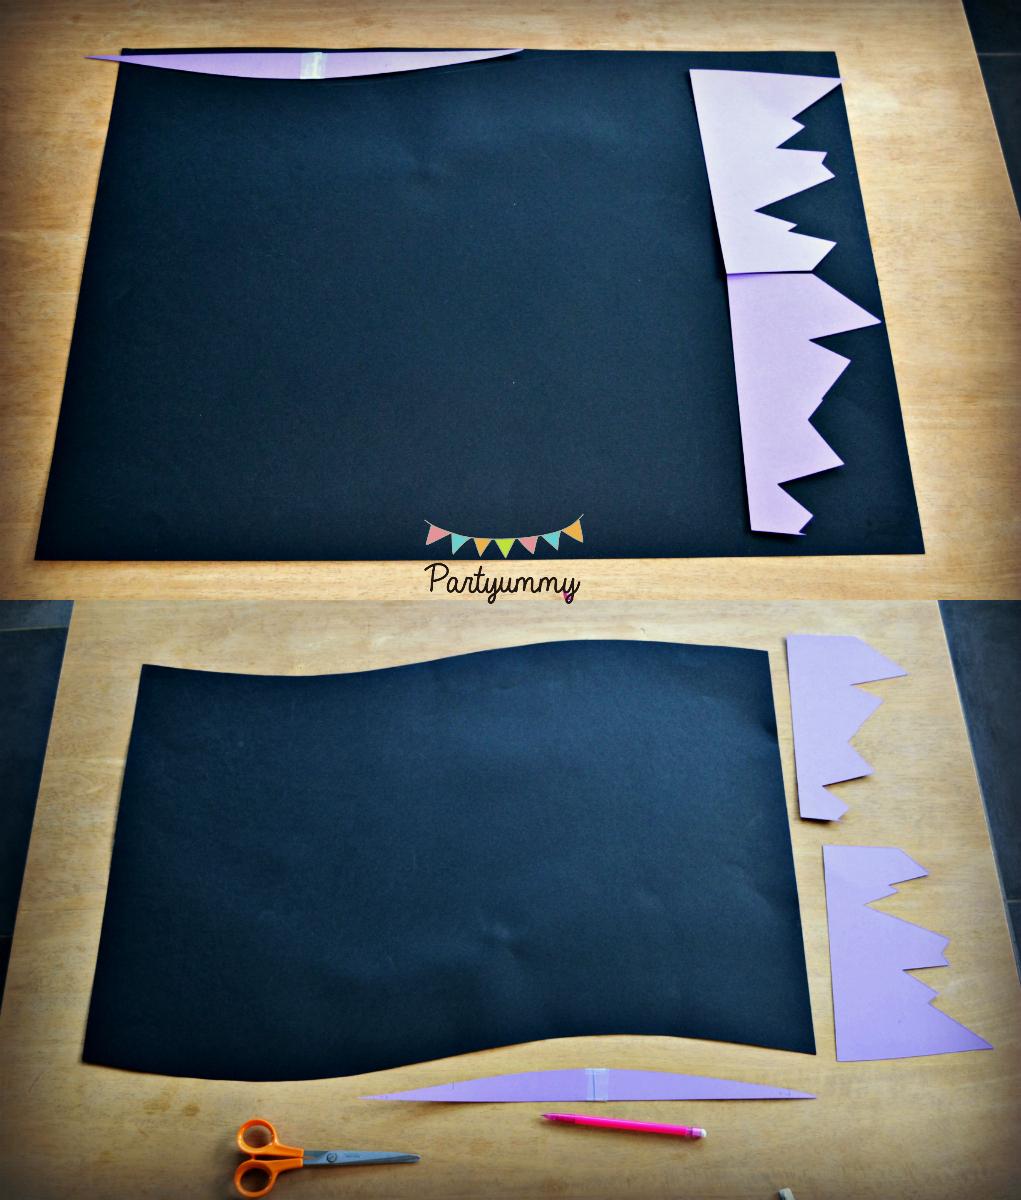 drapeau-pirate-tete-mort-decoupe-carton